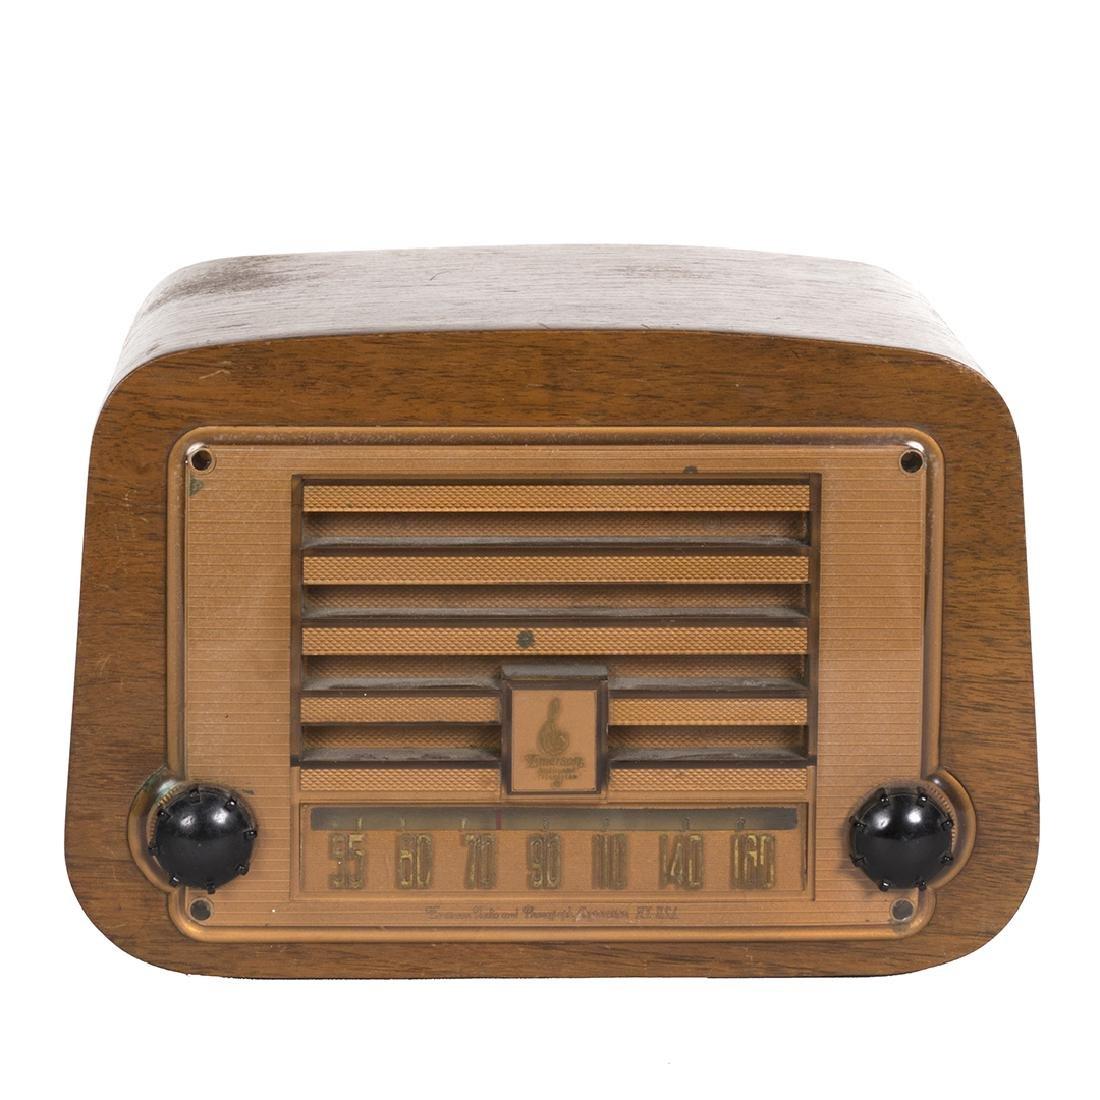 Charles Eames Emerson Radio